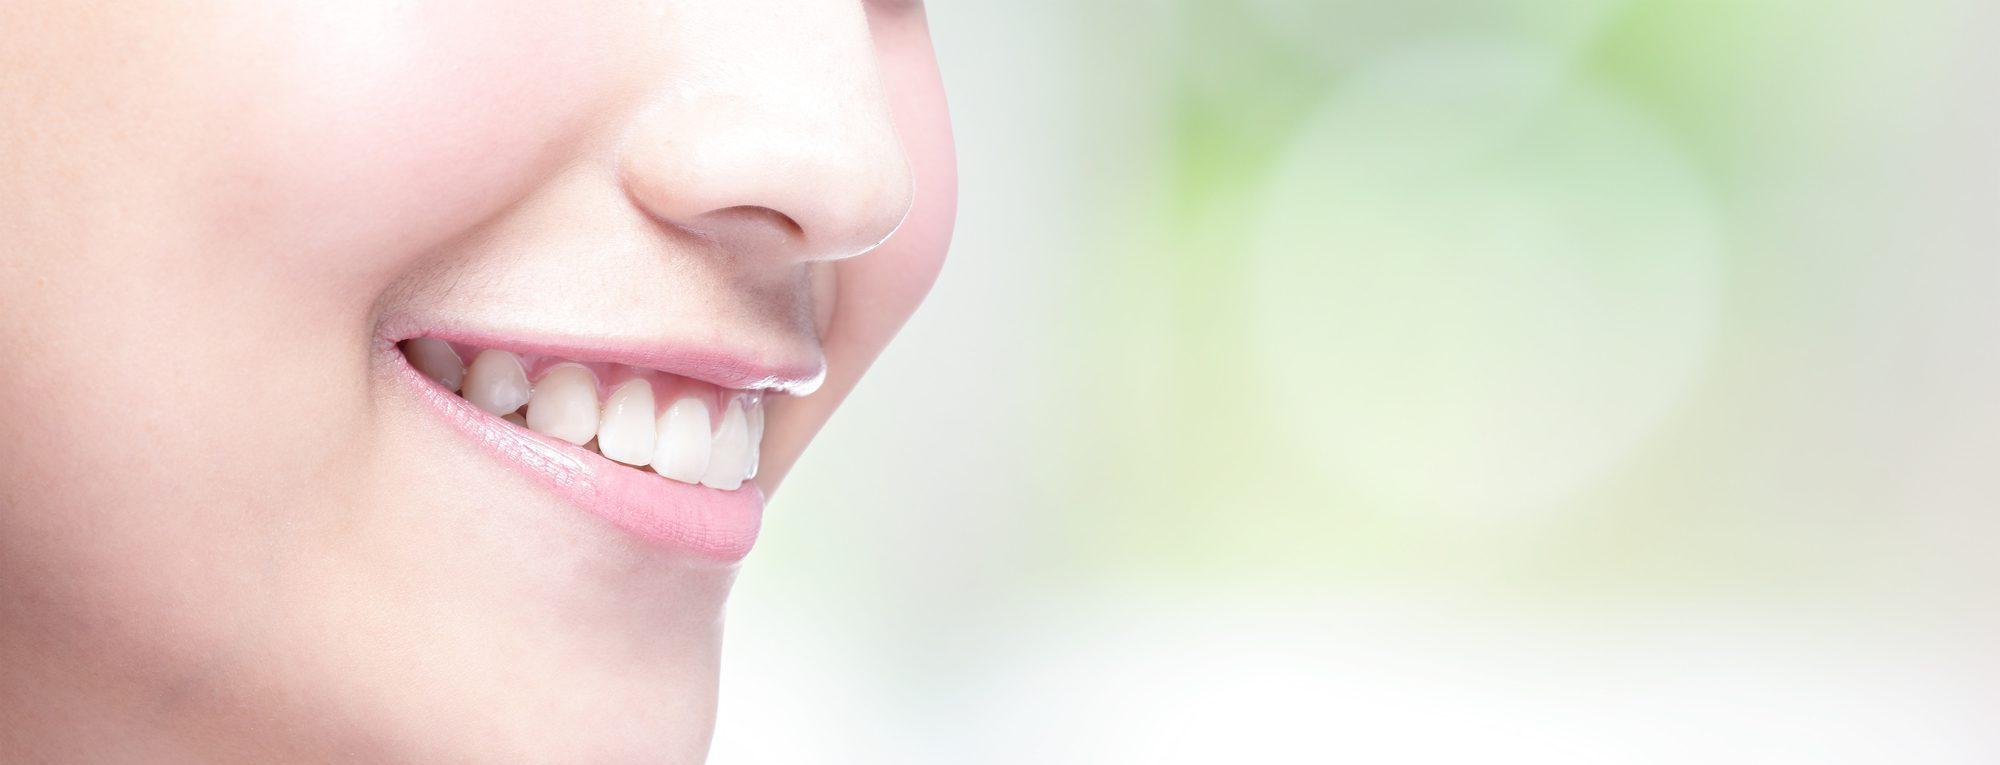 ホワイトニング|武蔵新城の藤木歯科クリニック